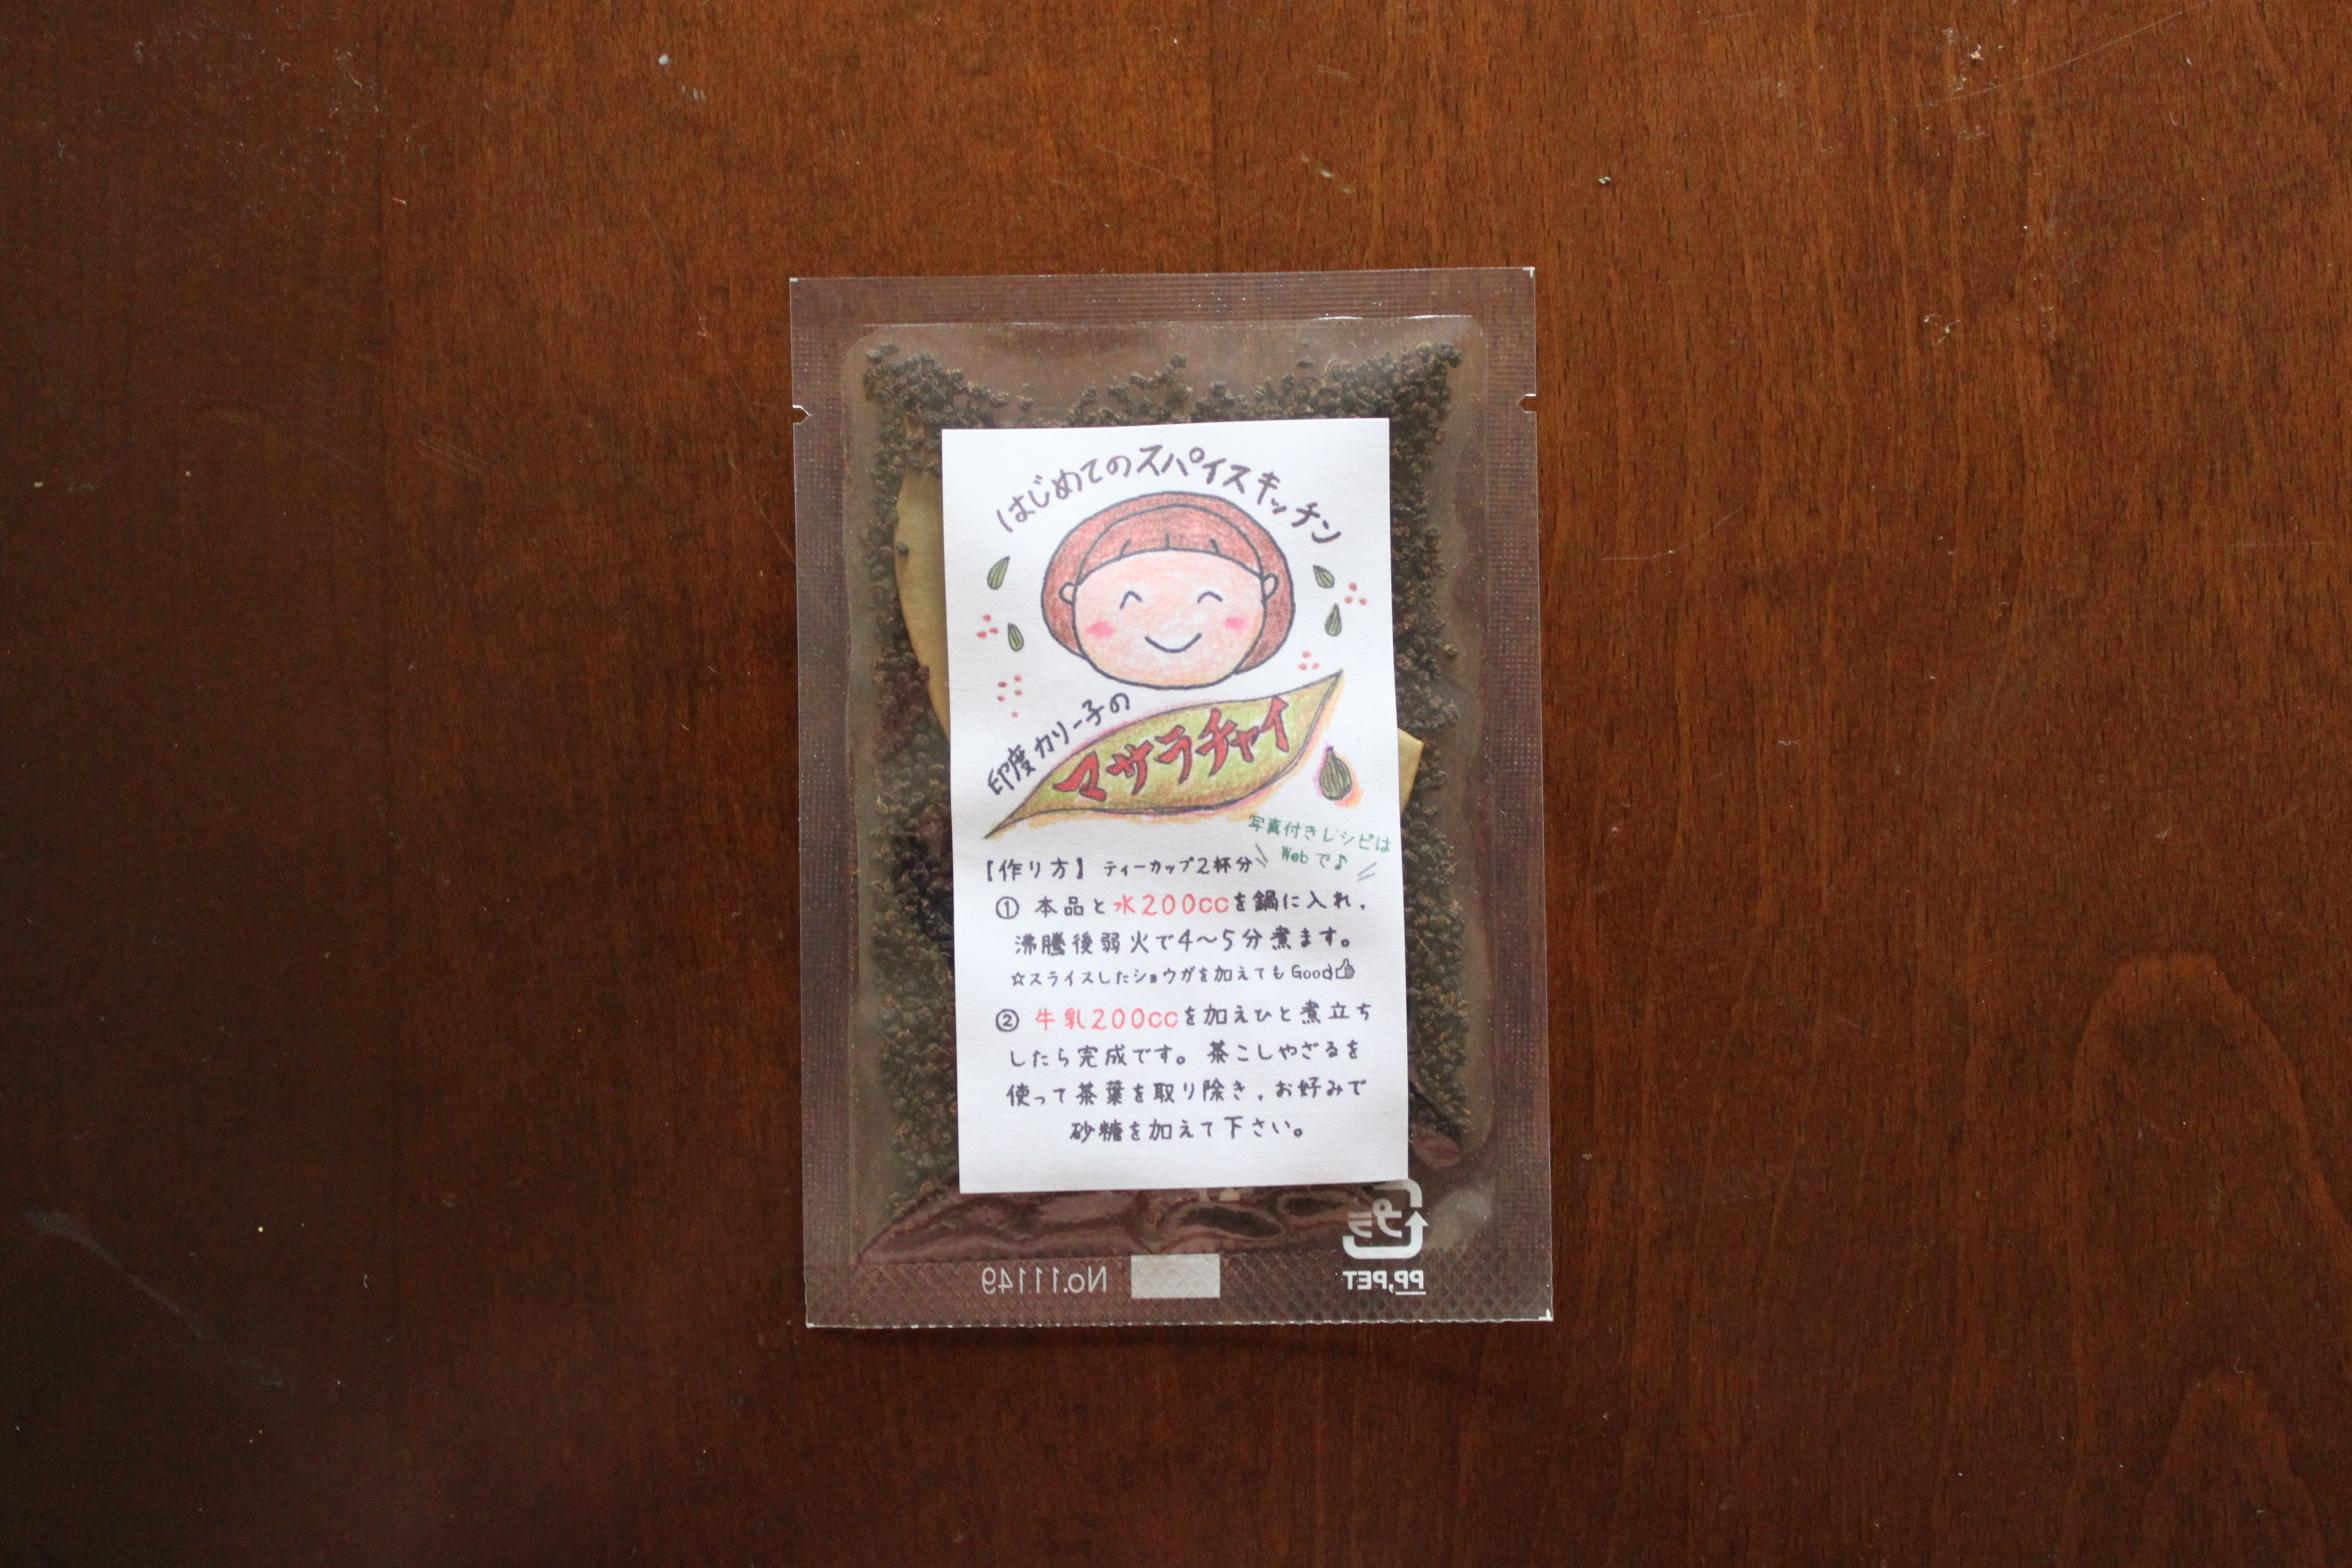 【1パック:180円/個】マサラチャイ 4種のスパイス入り